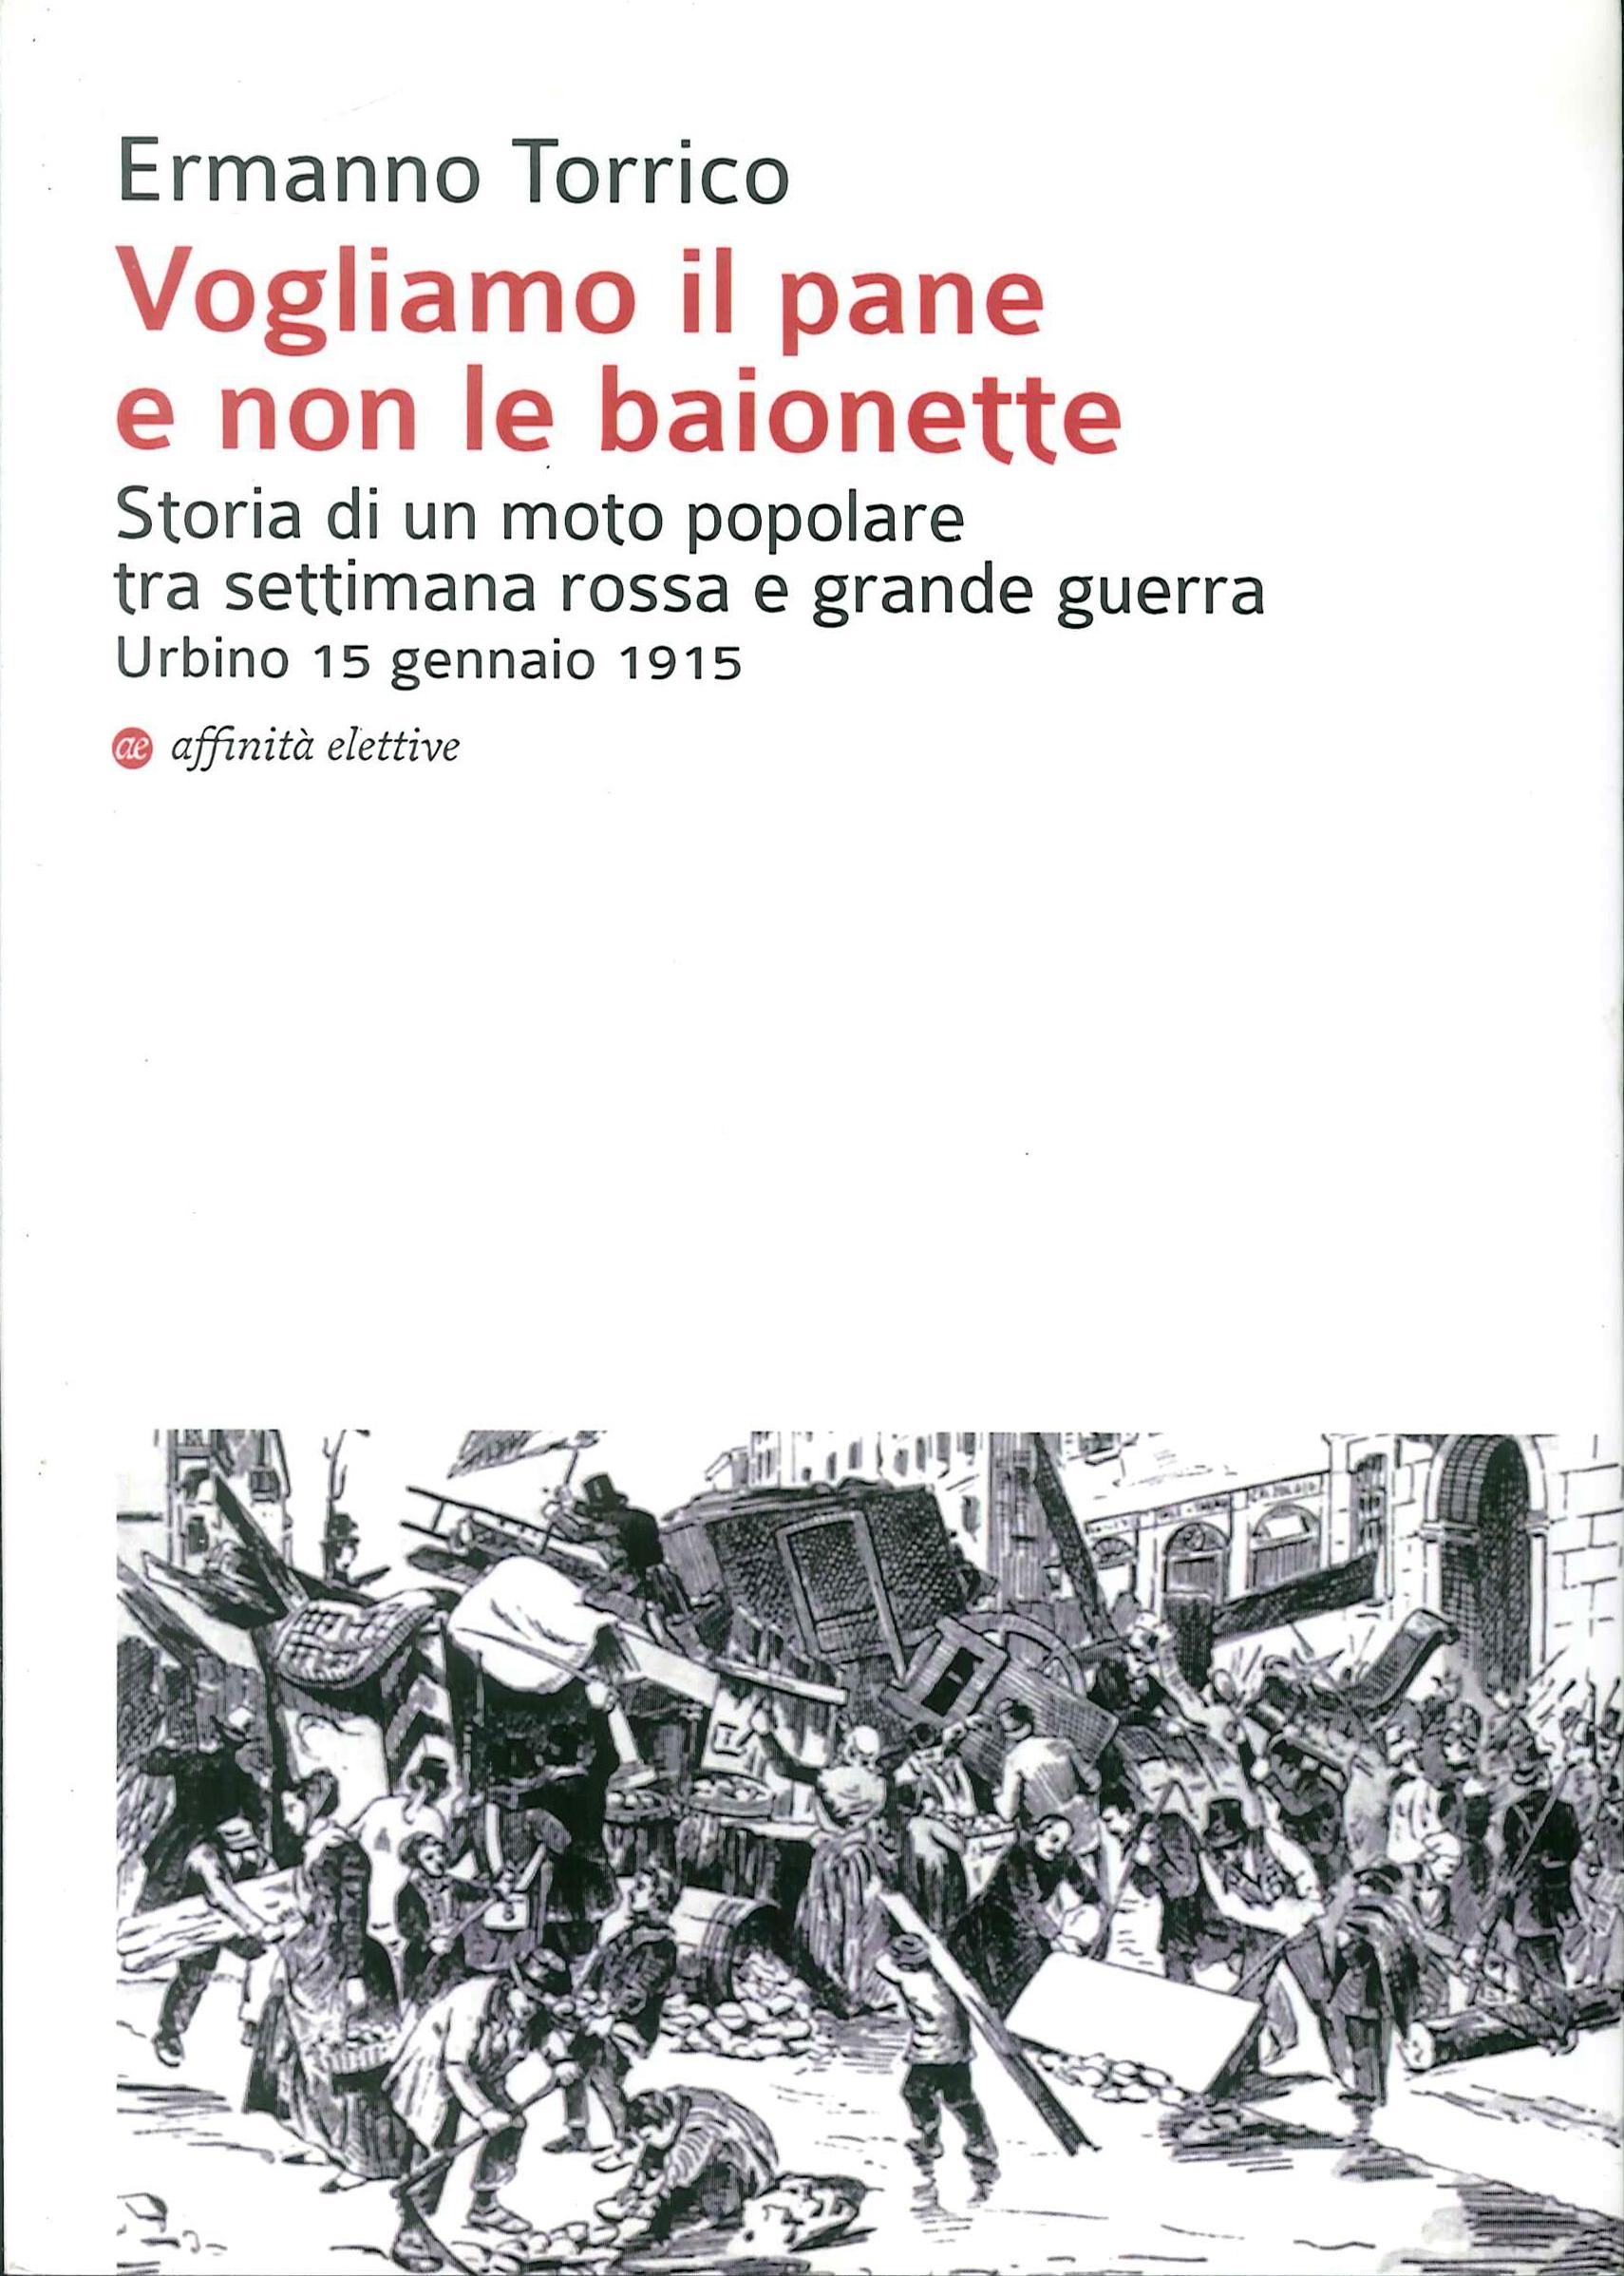 Vogliamo il pane e non le baionette. Storia di un moto popolare tra settimana rossa e grande guerra. Urbino 15 gennaio 1915.